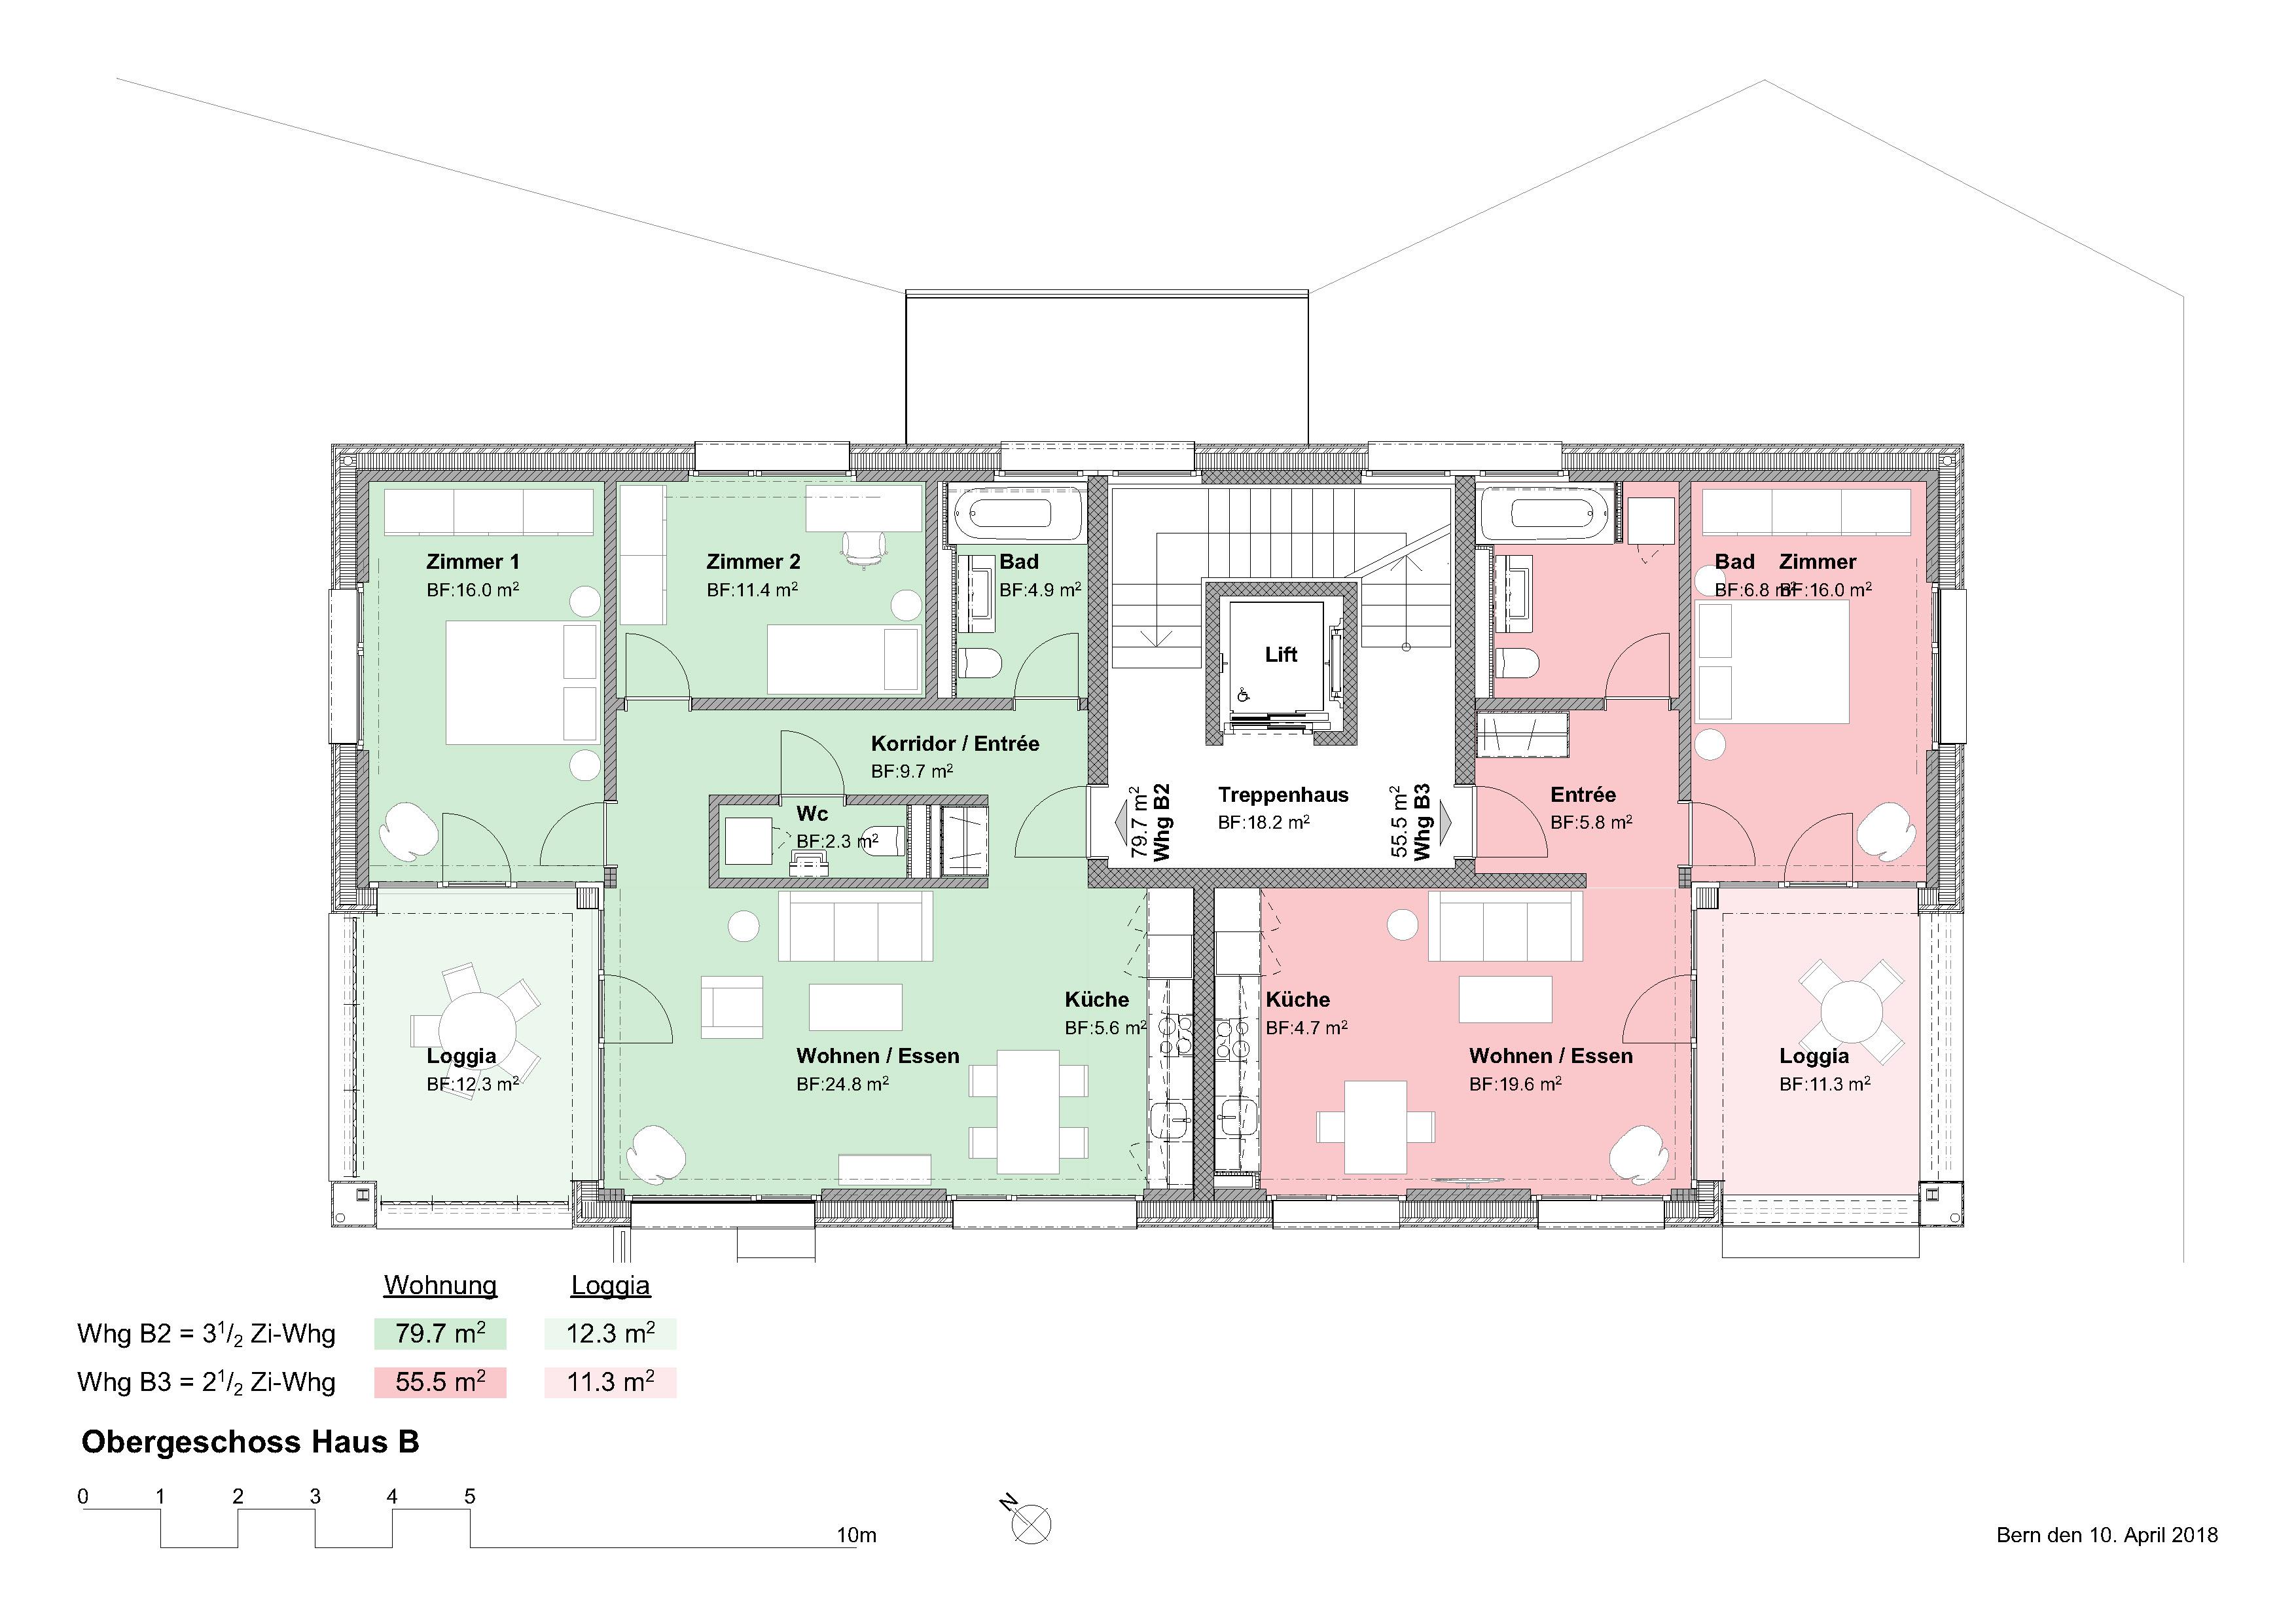 03_Obergeschoss Haus B